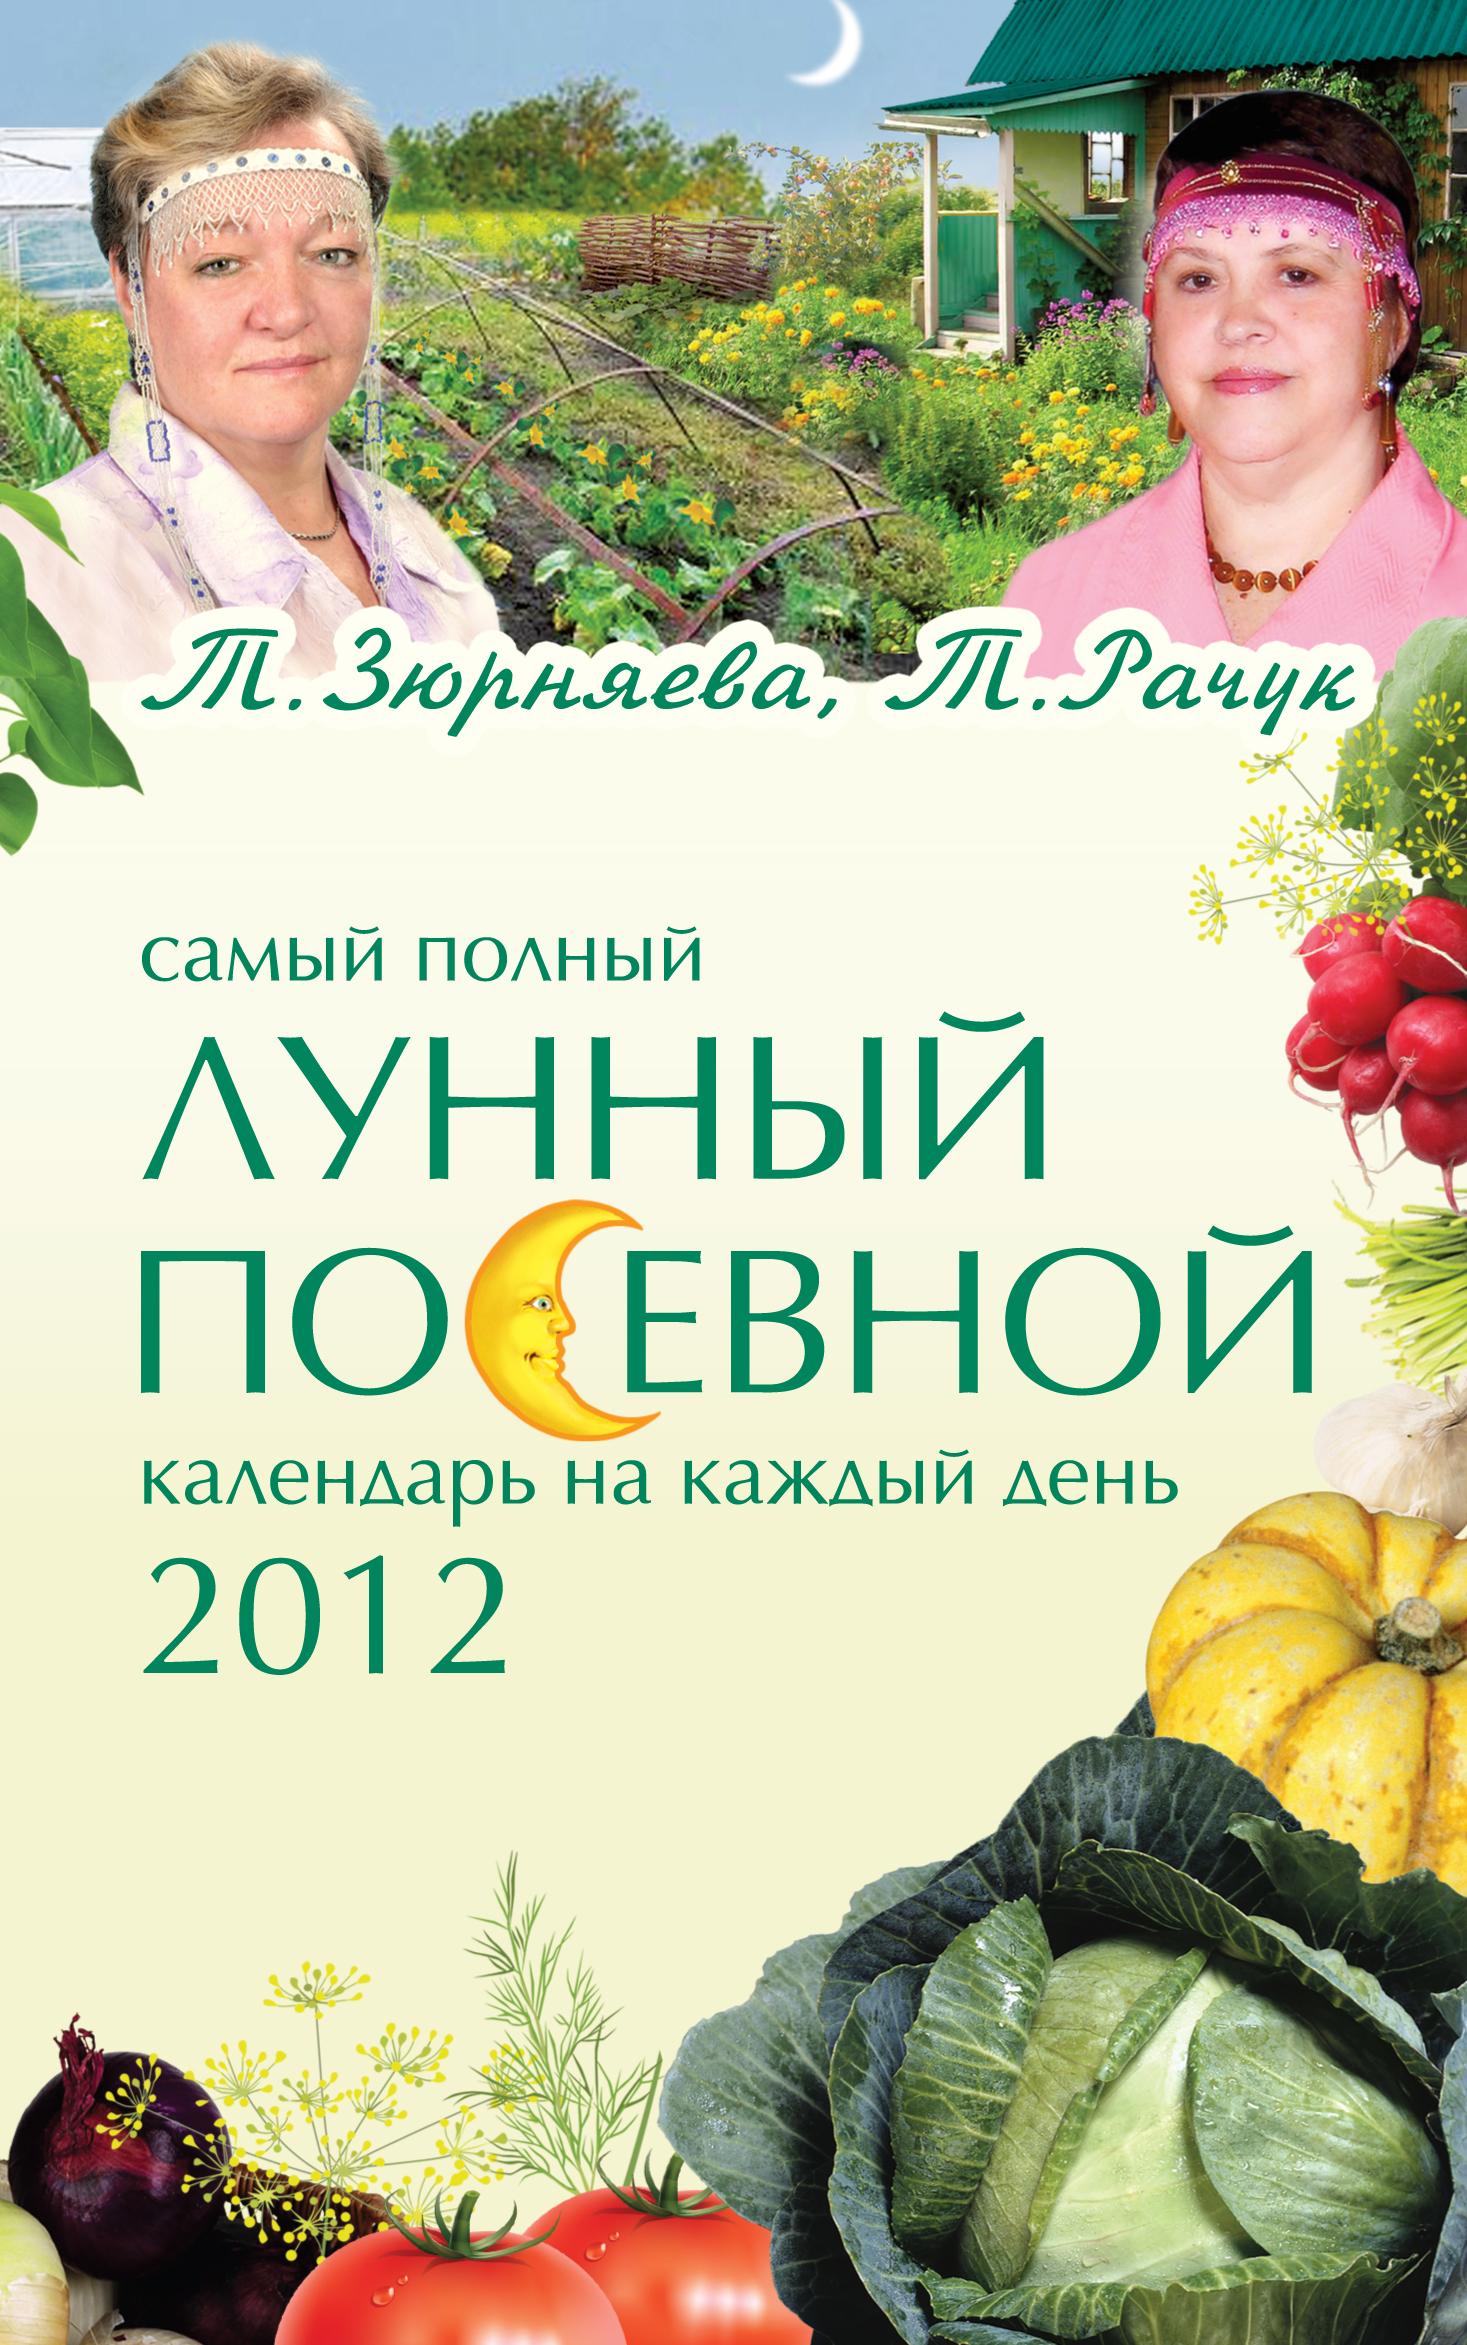 Самый полный лунный посевной календарь на каждый день 2012